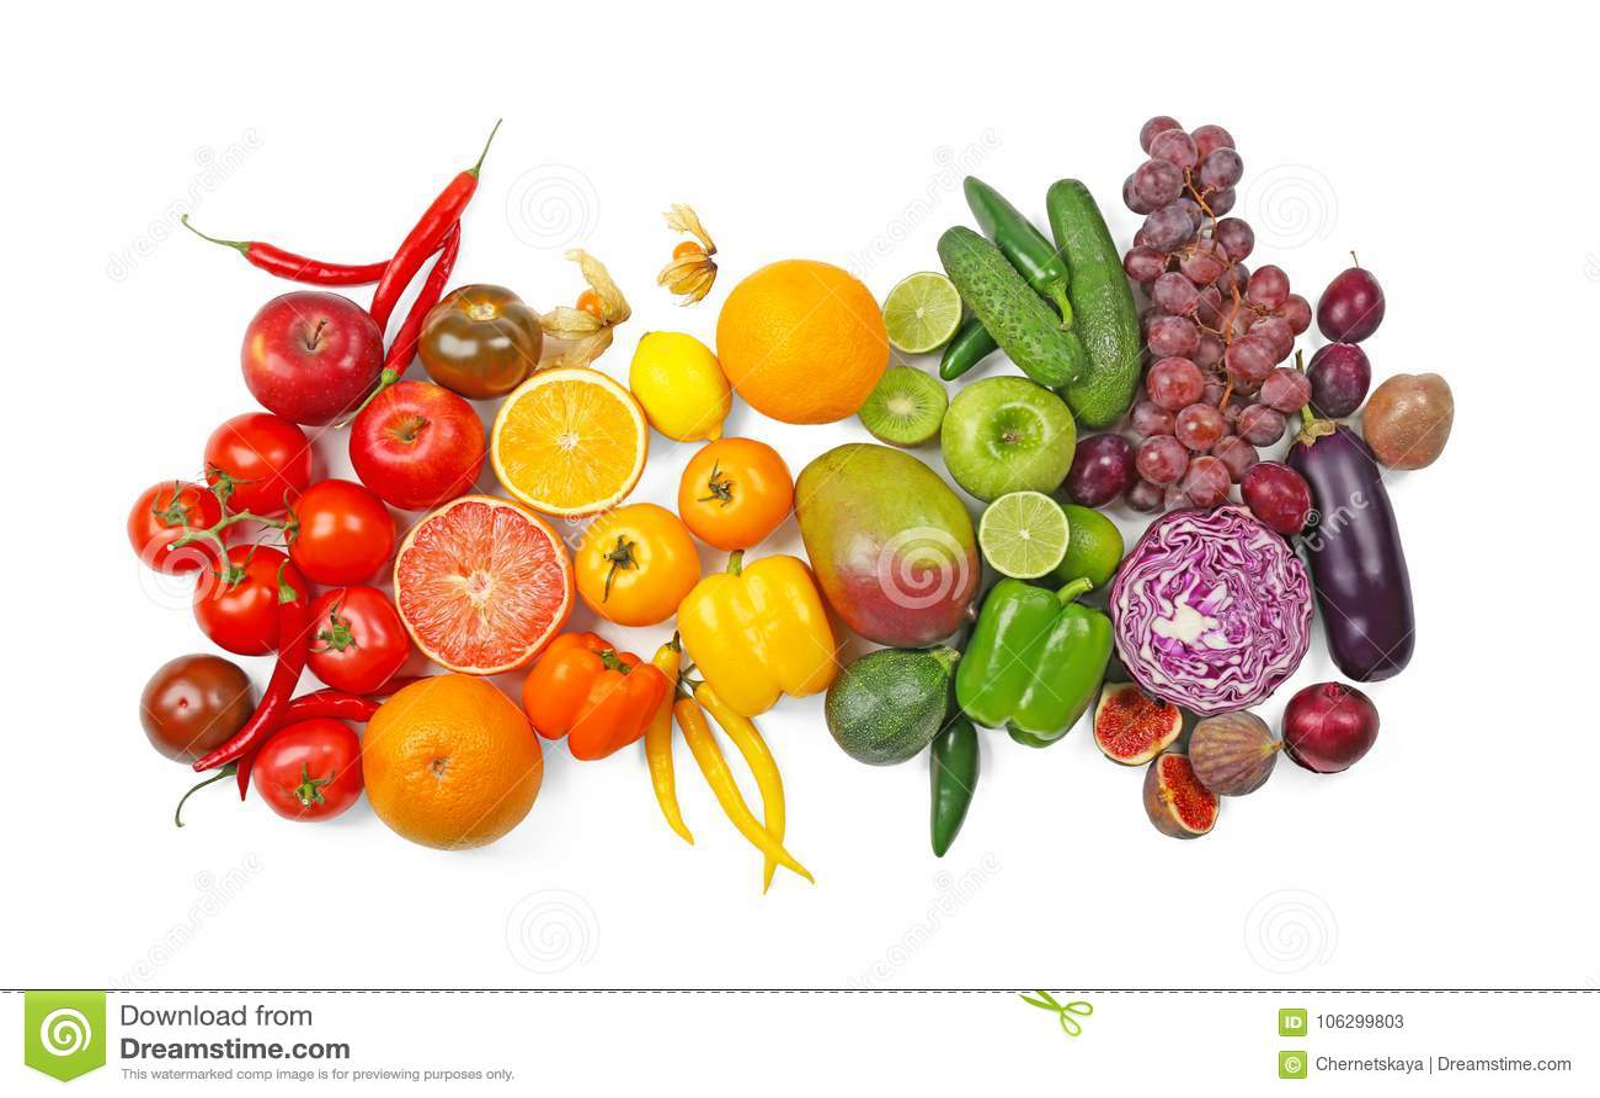 许多不同的水果和蔬菜